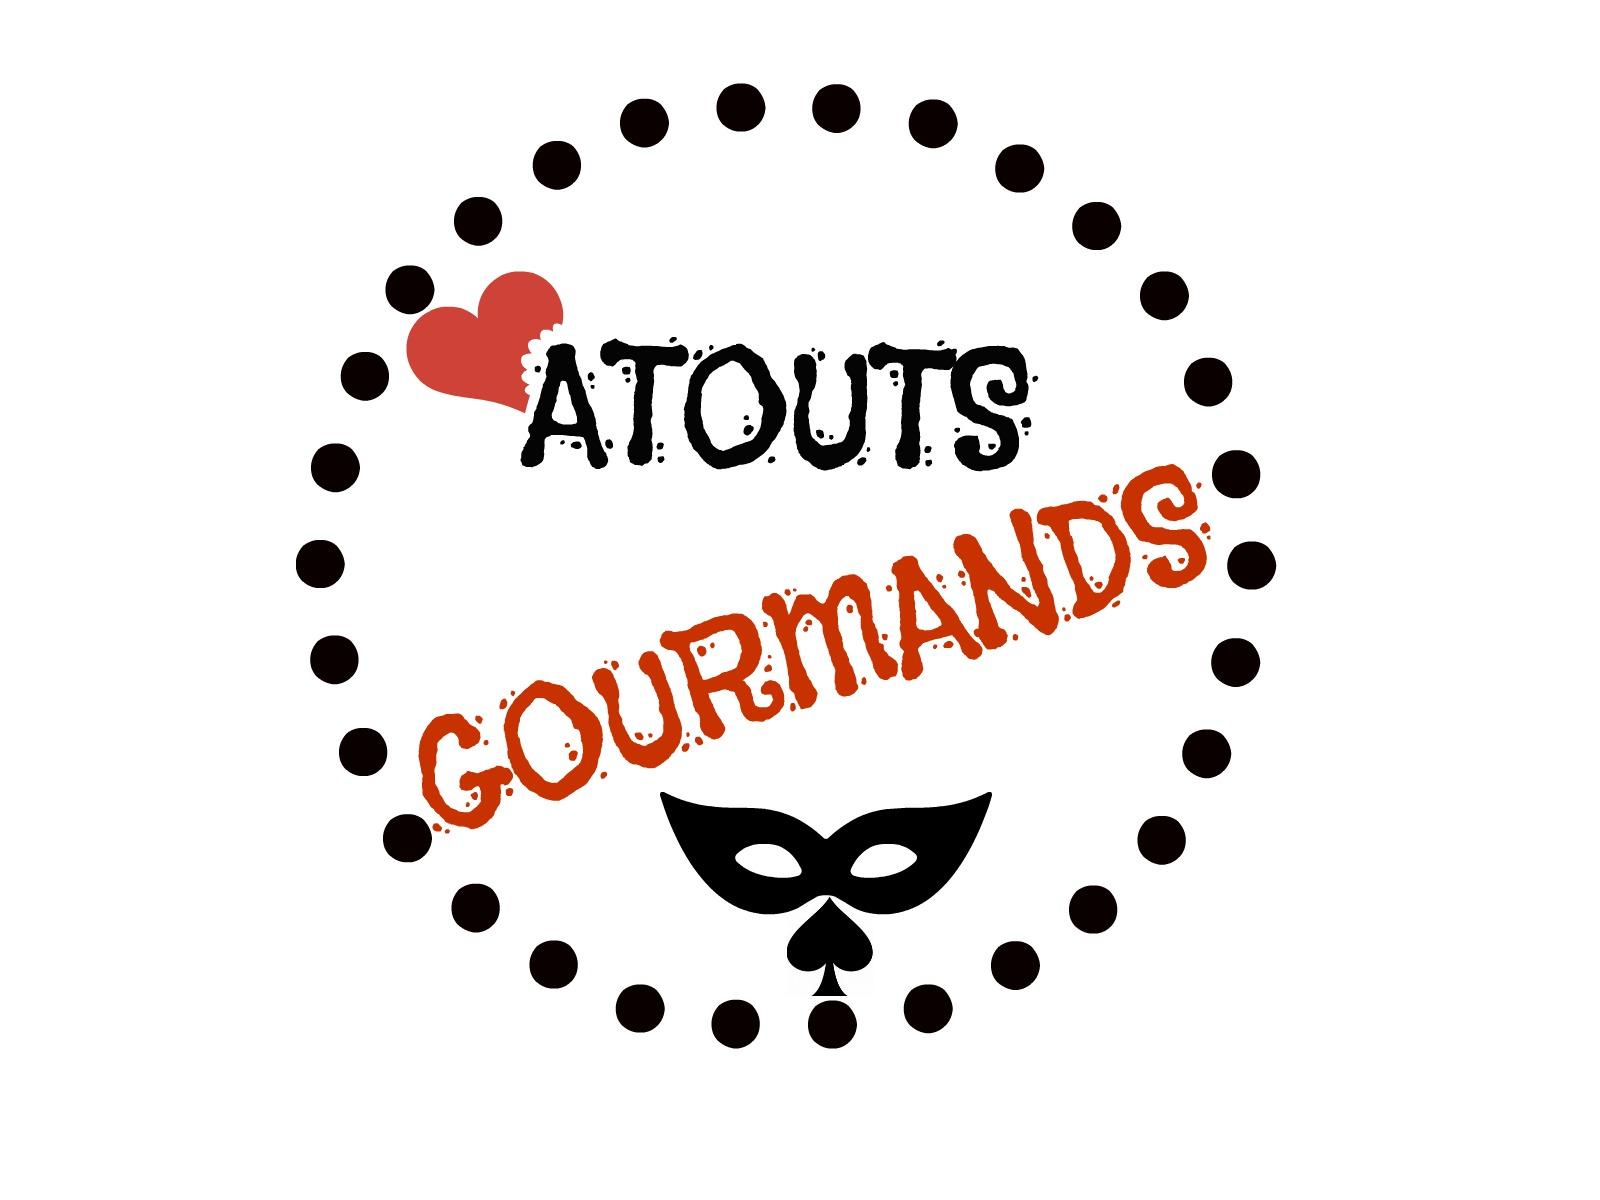 ATOUTS GOURMANDS